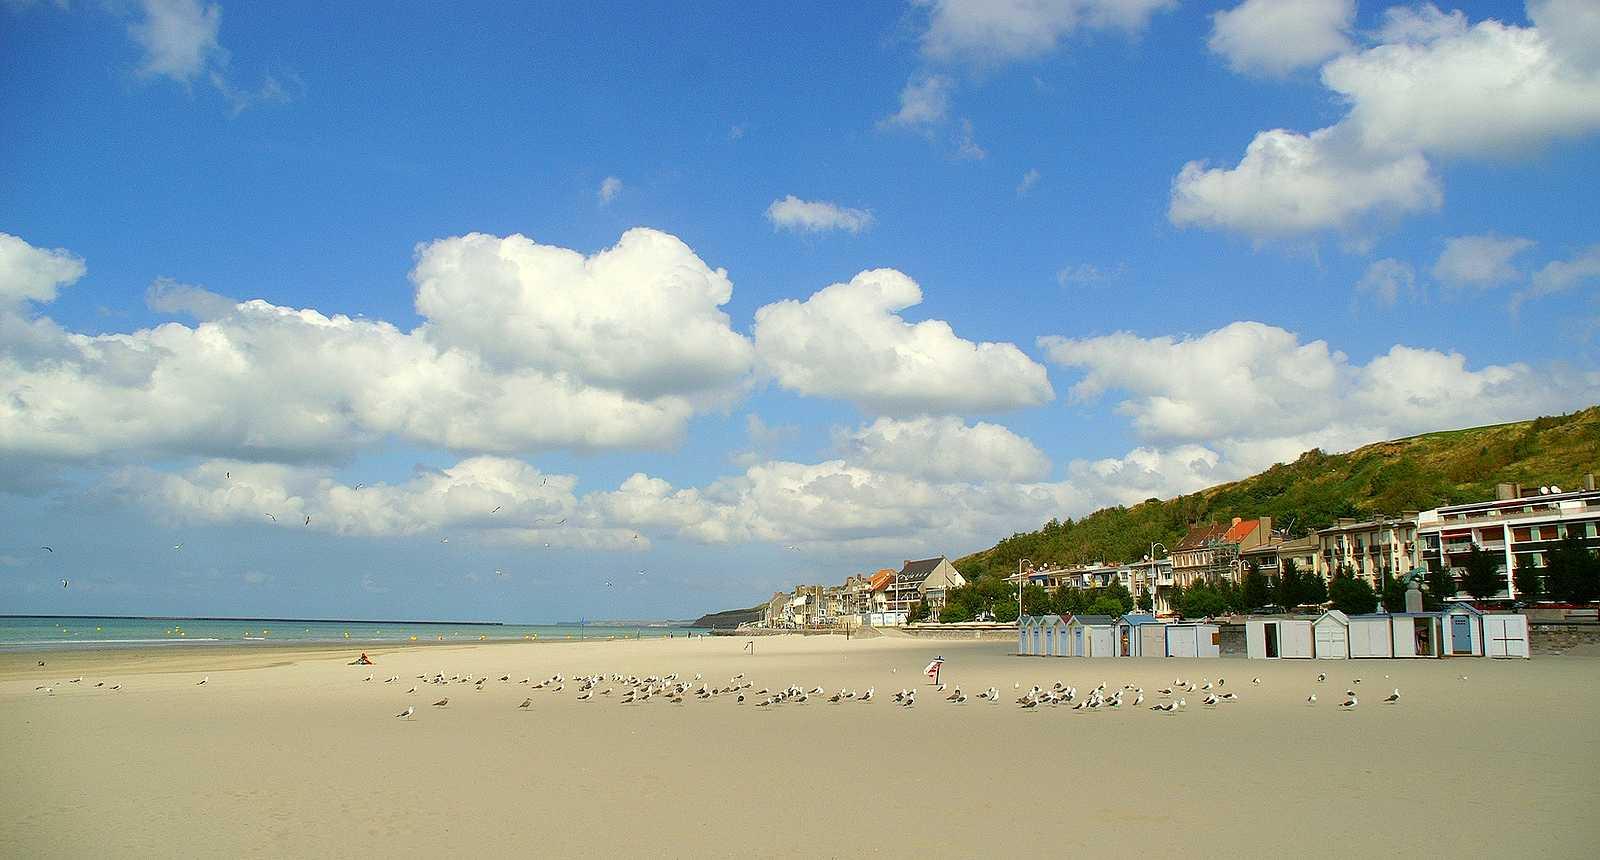 La plage centrale de Boulogne-sur-Mer